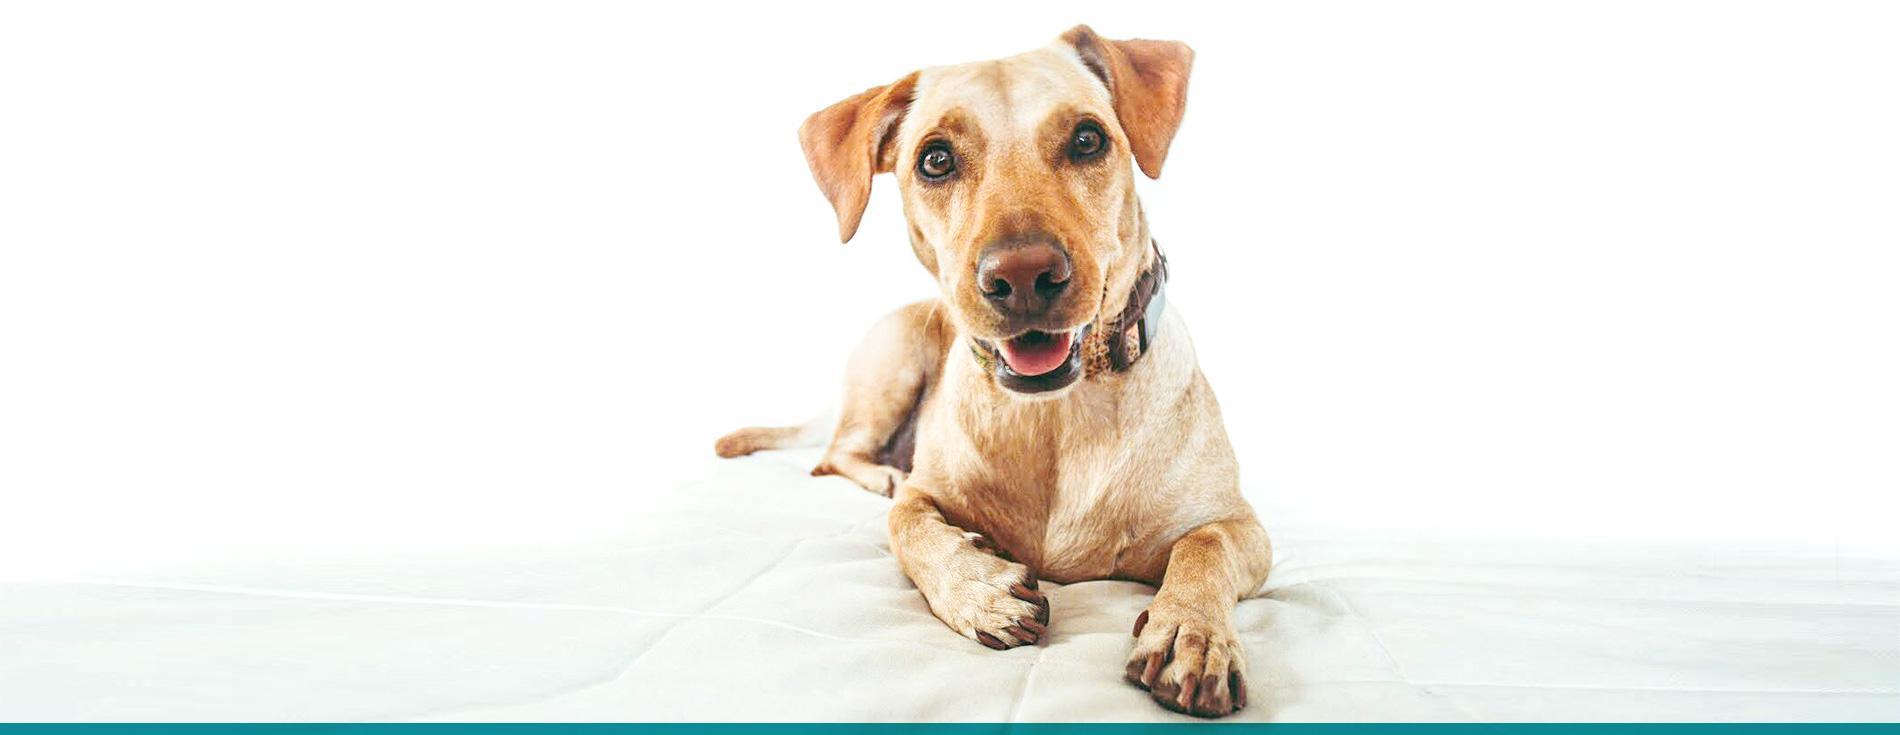 collares para perros personalizados ceta dog